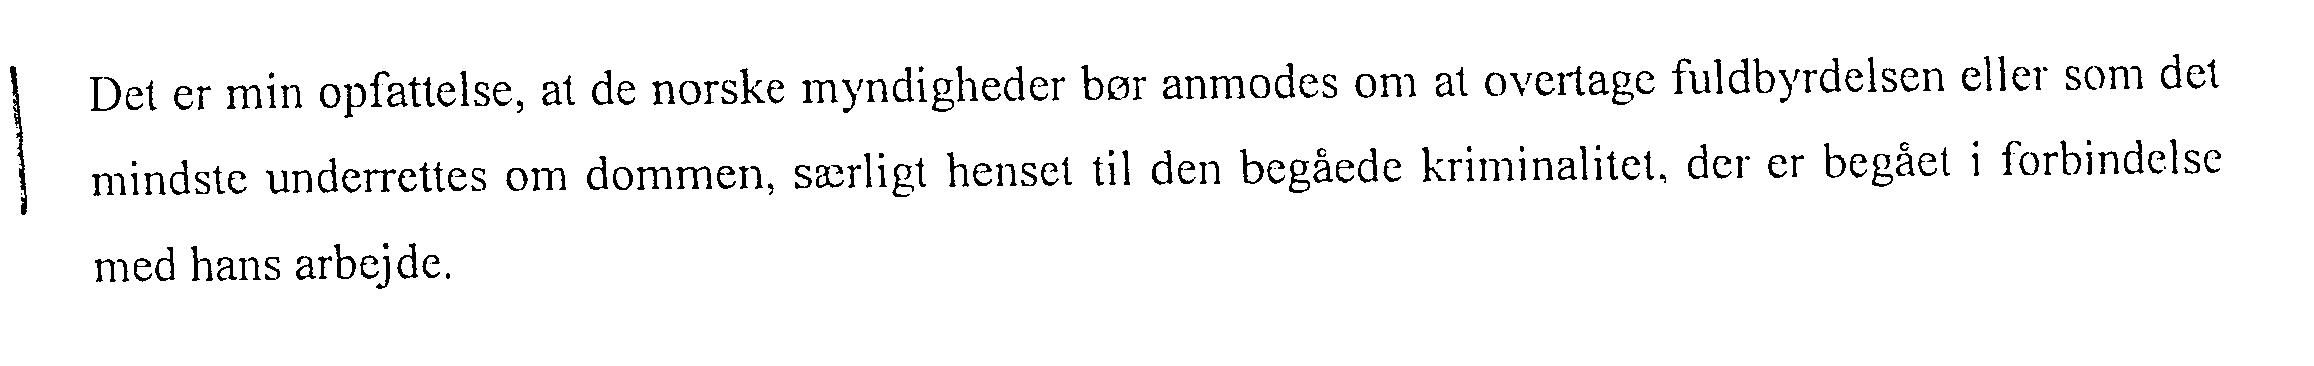 Midt og Vestsjællands Politi